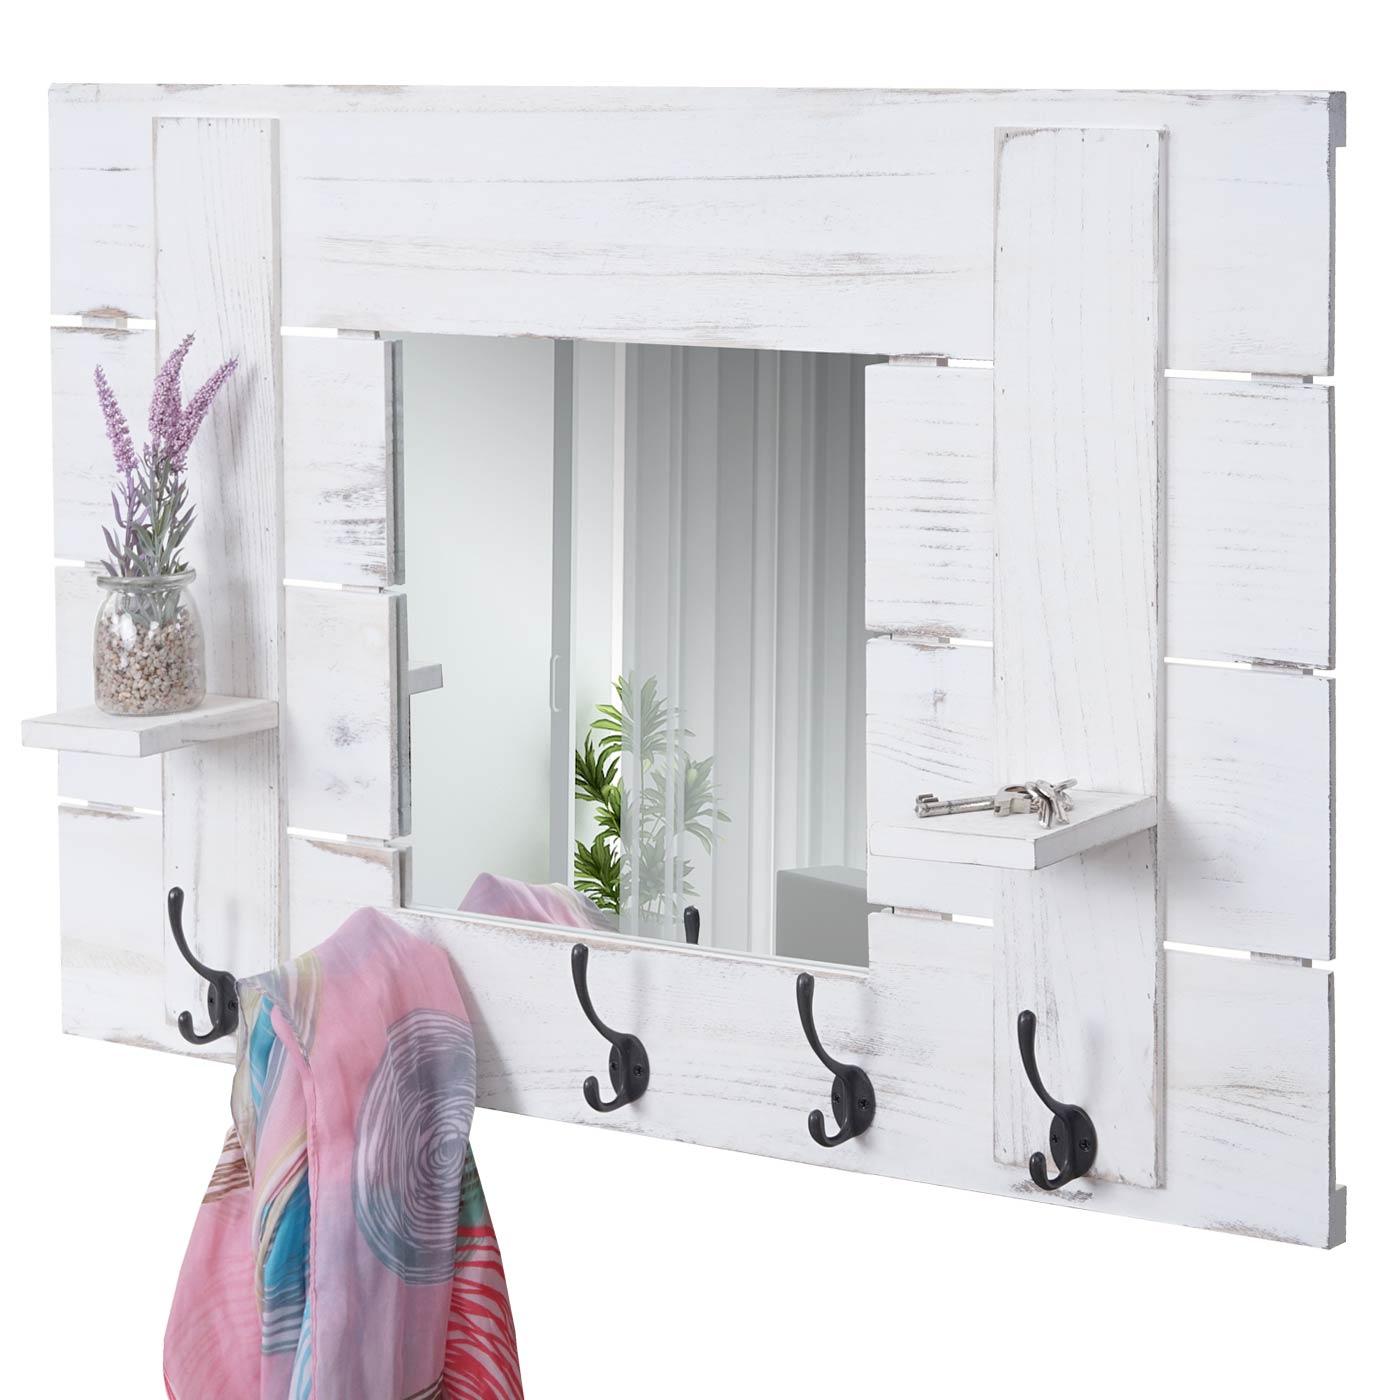 Wandgarderobe hwc c89 mit spiegel garderobenpaneel for Garderobenpaneel spiegel